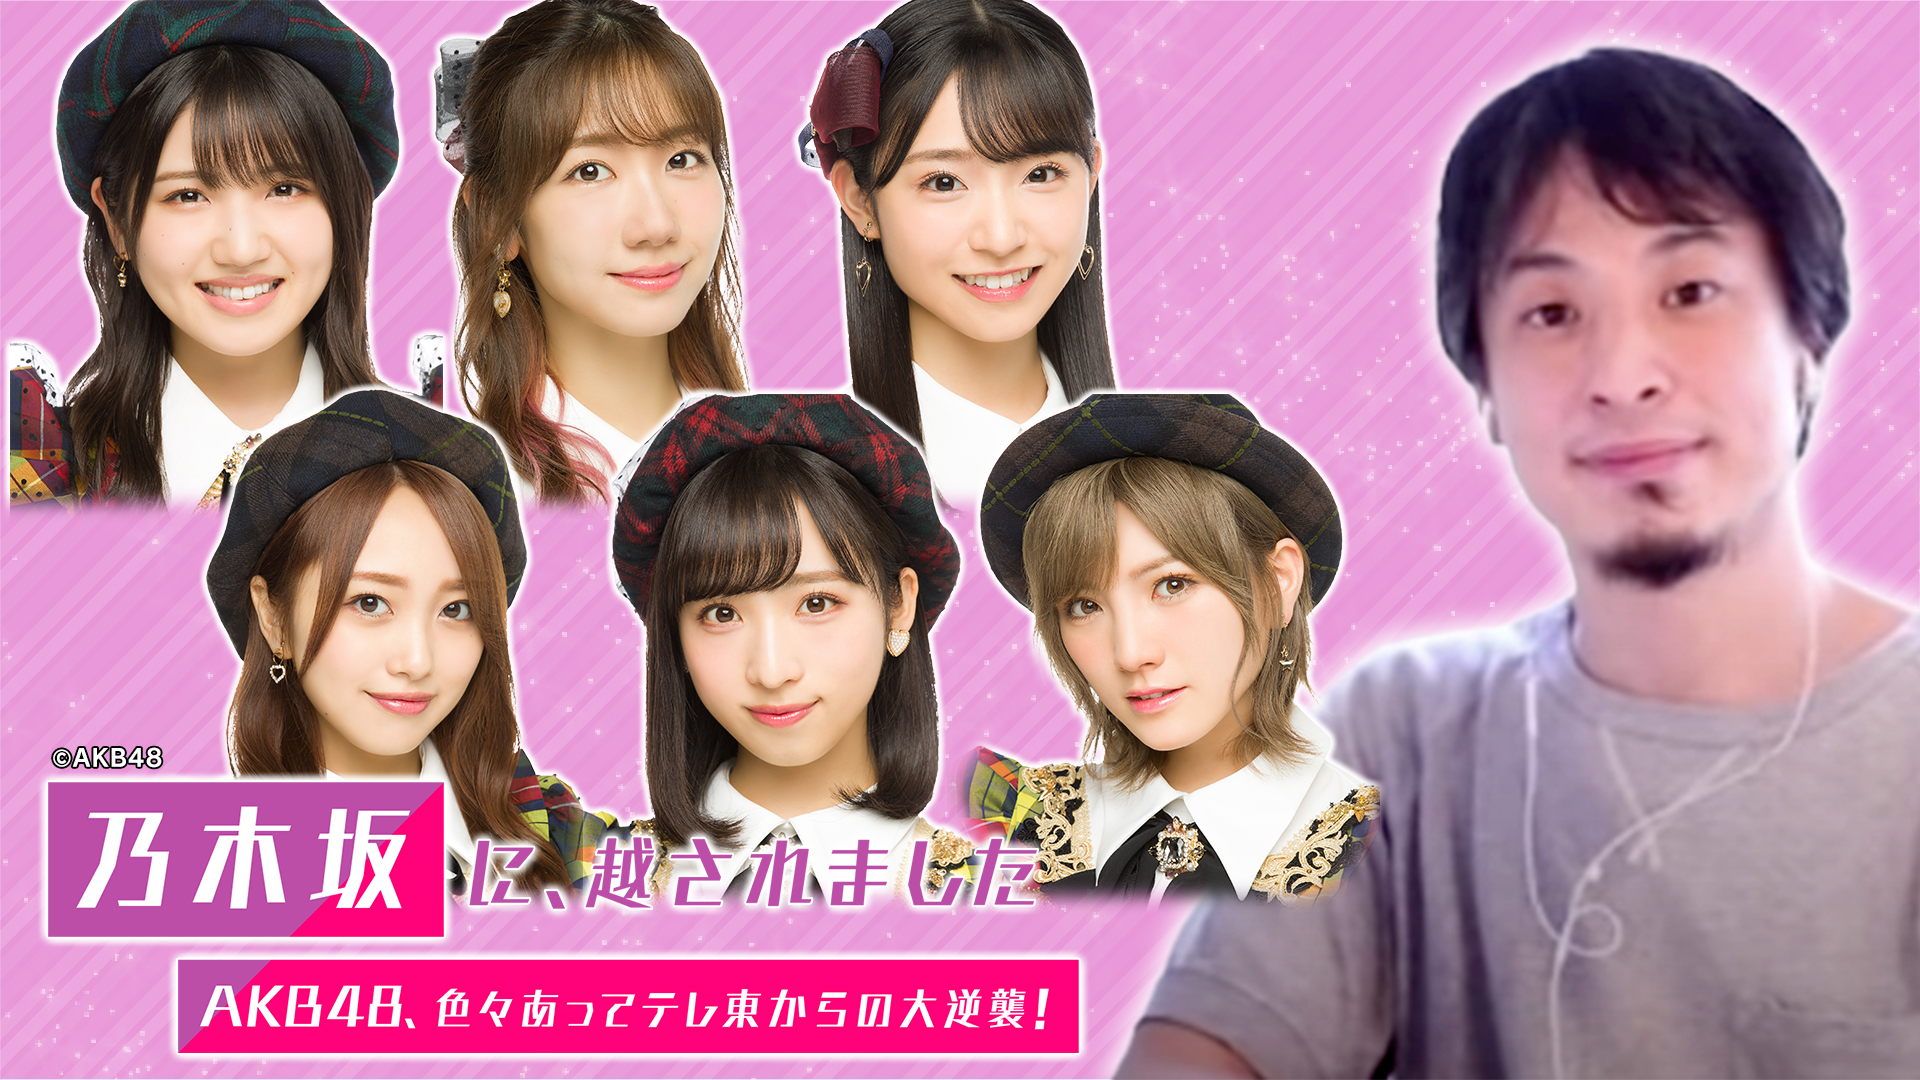 乃木坂に、越されました~AKB48、色々あってテレ東からの大逆襲!~《バラエティParavi》